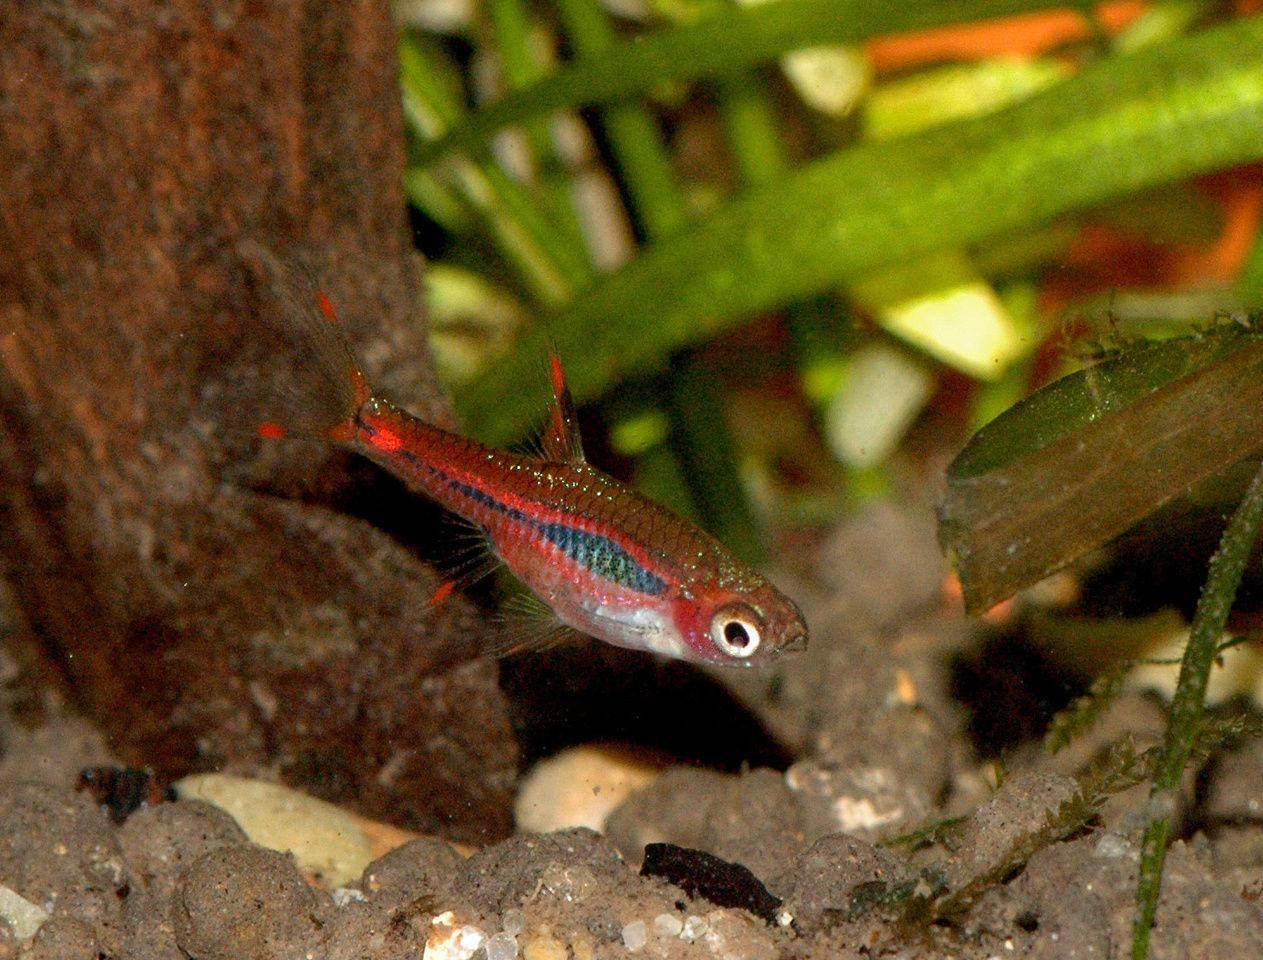 Freshwater aquarium fish rasbora - Chili Rasbora Boraras Brigittae Chiliswetfreshwater Fishaquarium